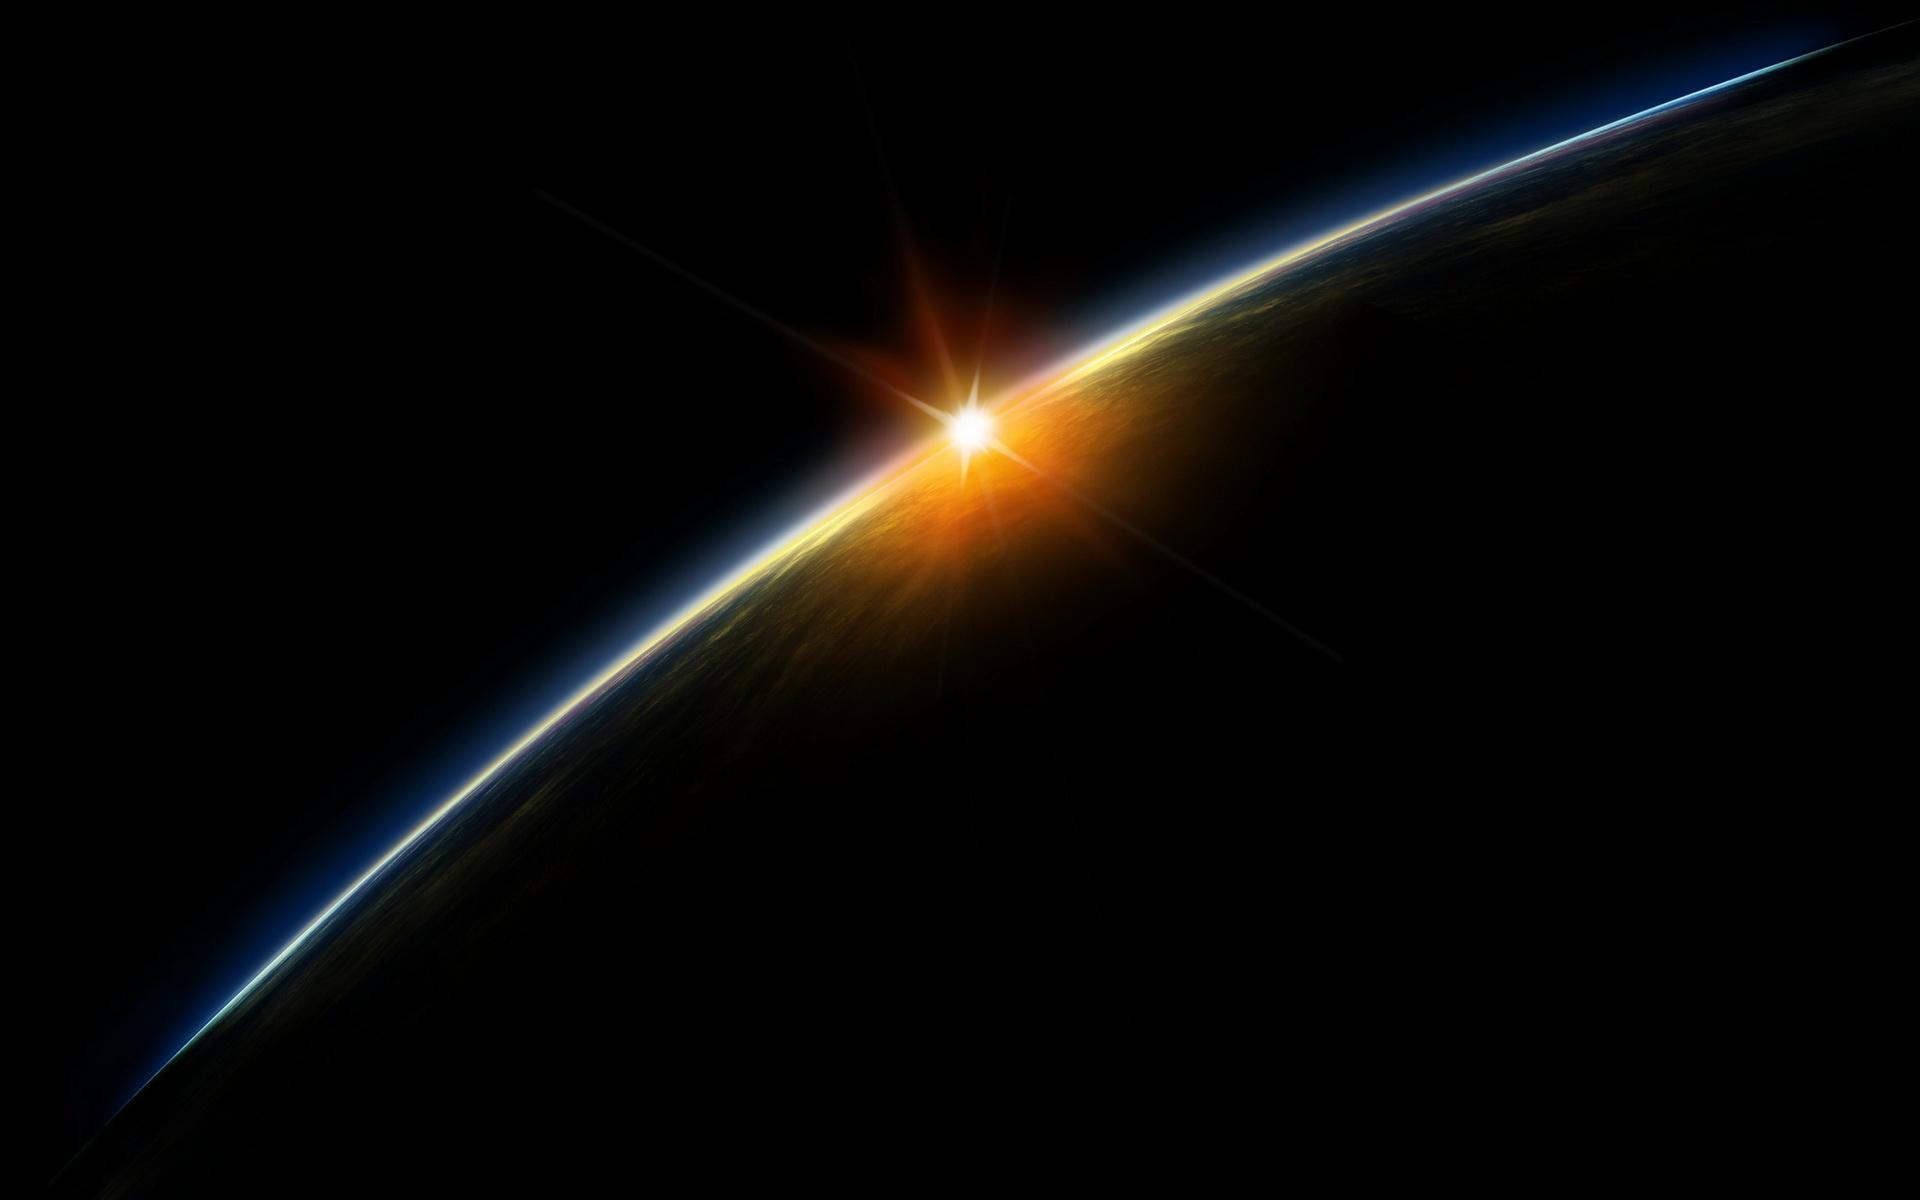 Космос закат космос земля солнце 1920x1200